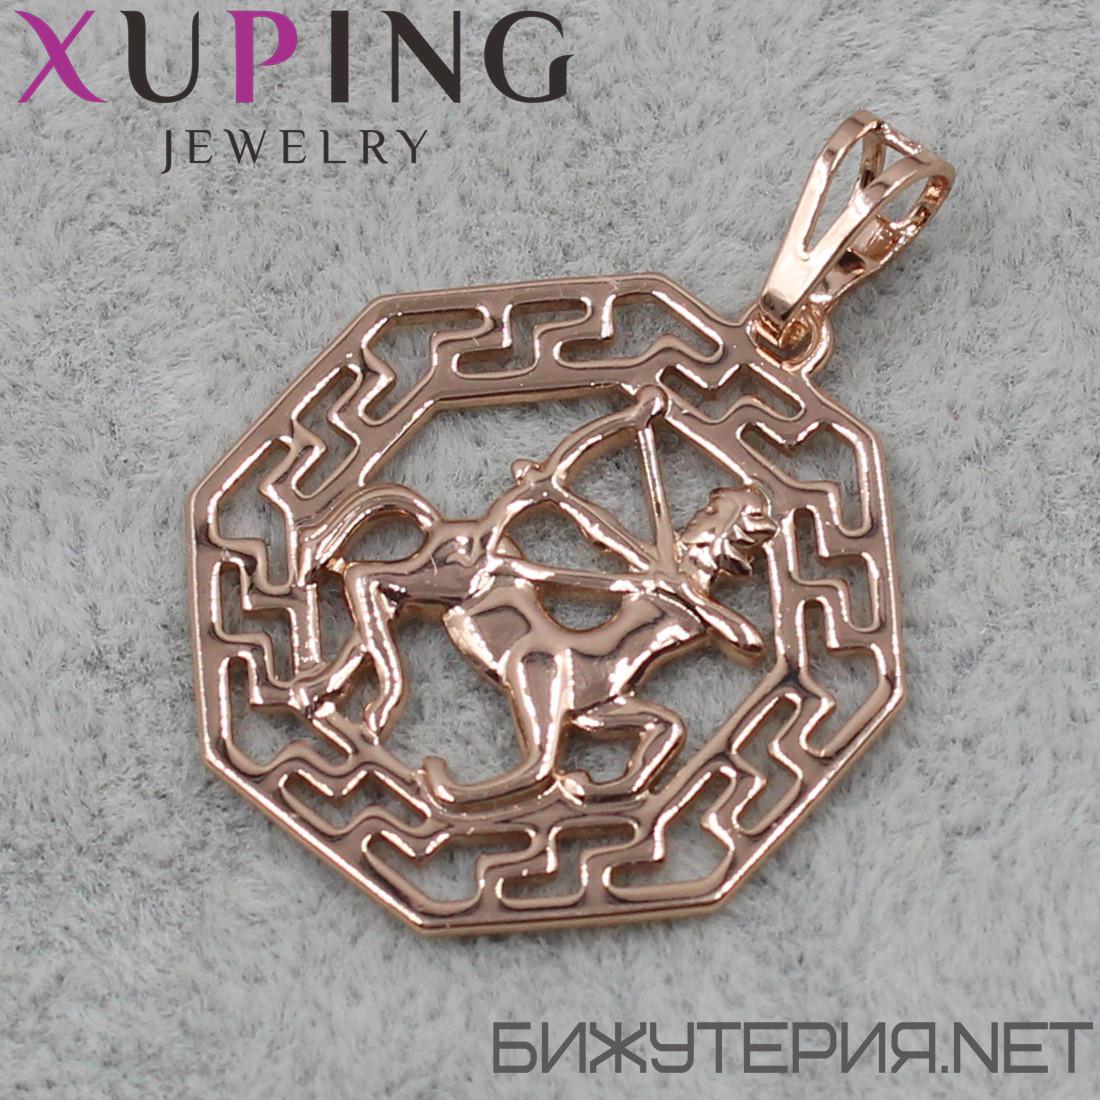 Знак Зодиака Стрелец Xuping медицинское золото 18K Gold - 1021931966